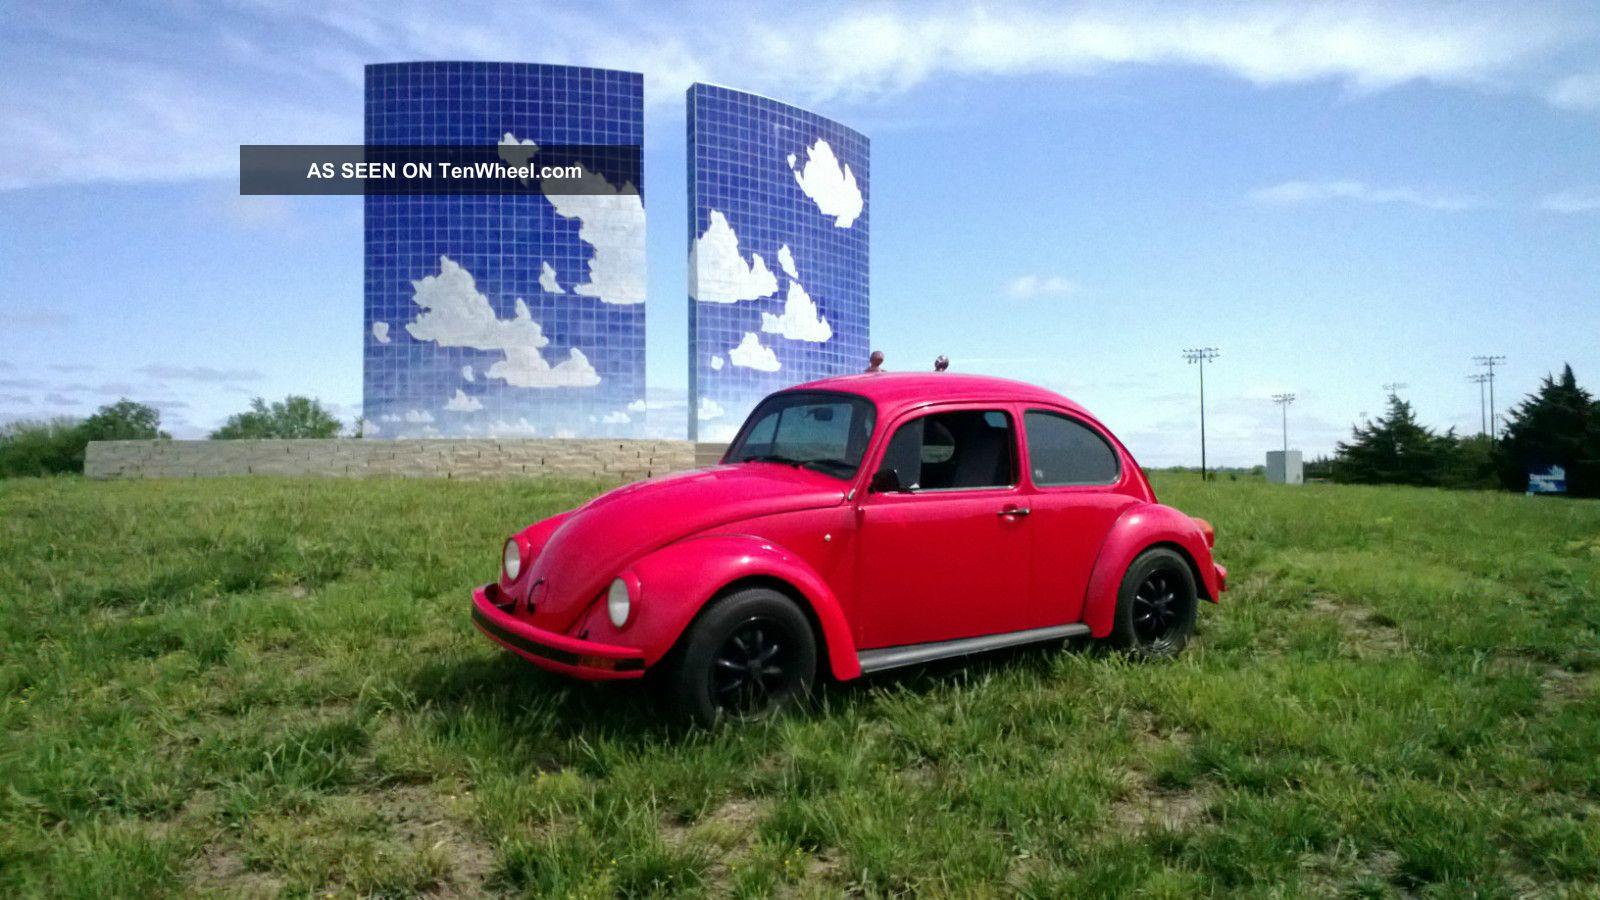 2003 / 1974 Volkswagen Mexican Beetle Beetle - Classic photo